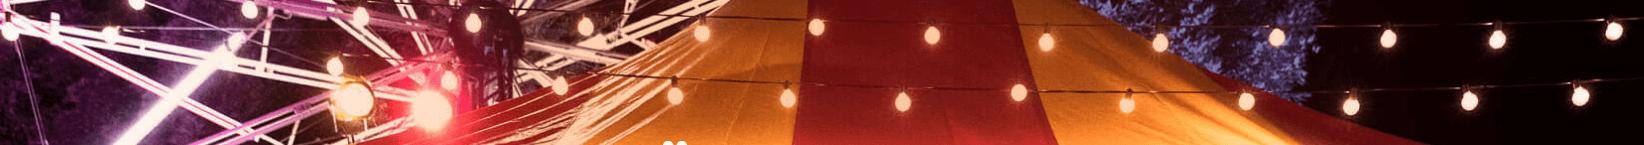 Rizk banner printscreen cirkustalt med ljusslingor